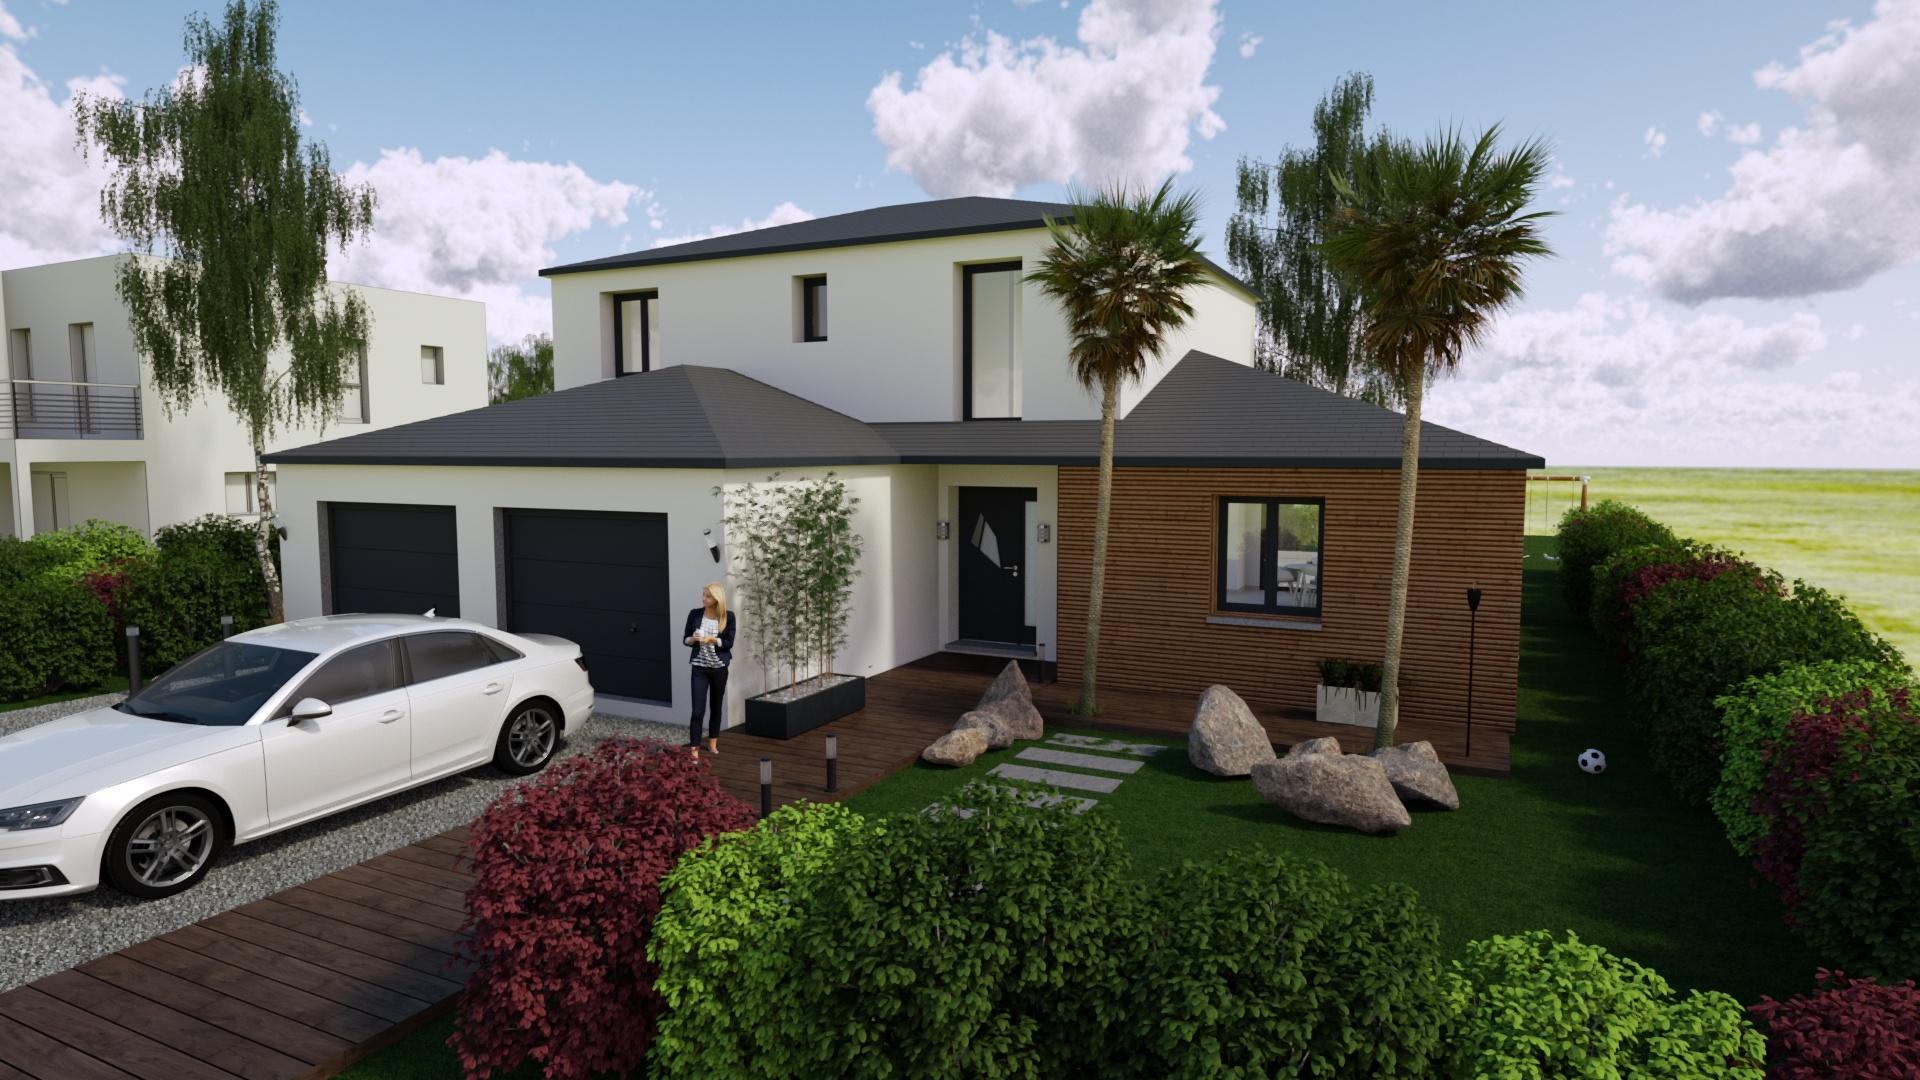 Maisons + Terrains du constructeur Maison Familiale Metz • 143 m² • BERG SUR MOSELLE